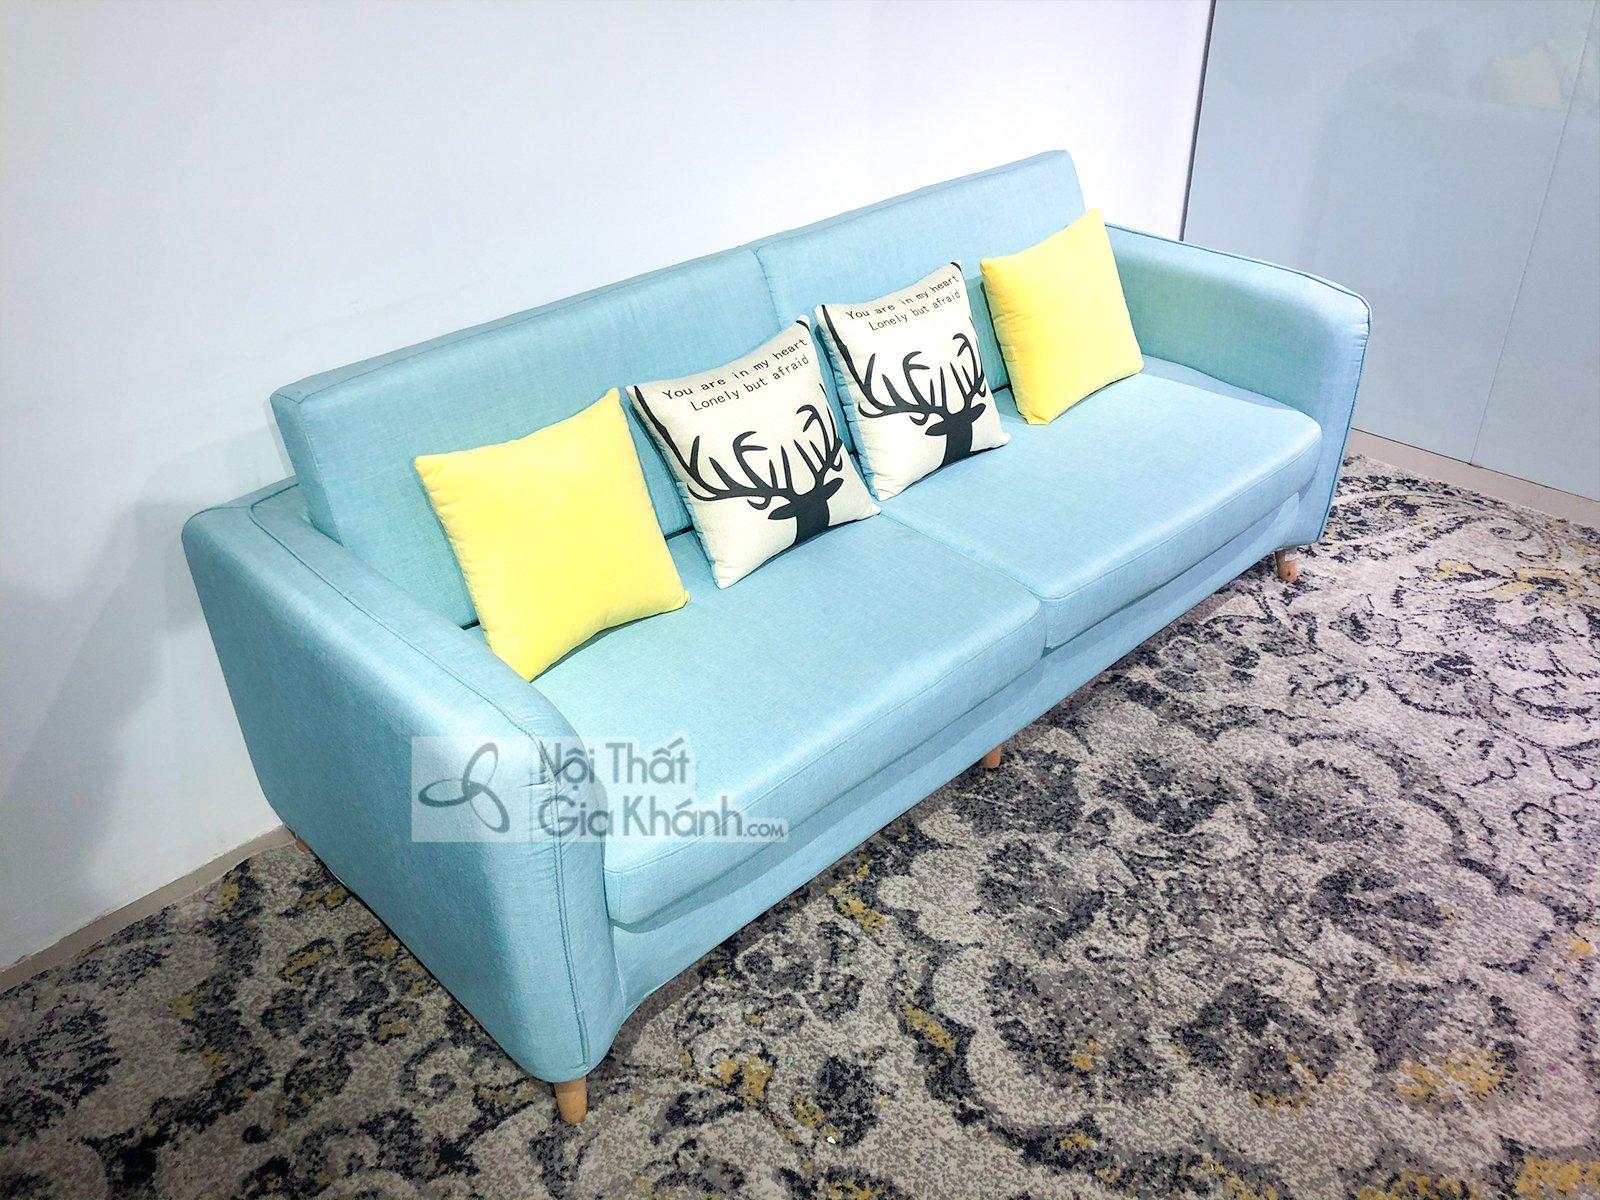 sofa ni nhap khau bang 2 hien dai 8051x sf 3 - SOFA NỈ NHẬP KHẨU BĂNG 2 HIỆN ĐẠI 8051X-SFN